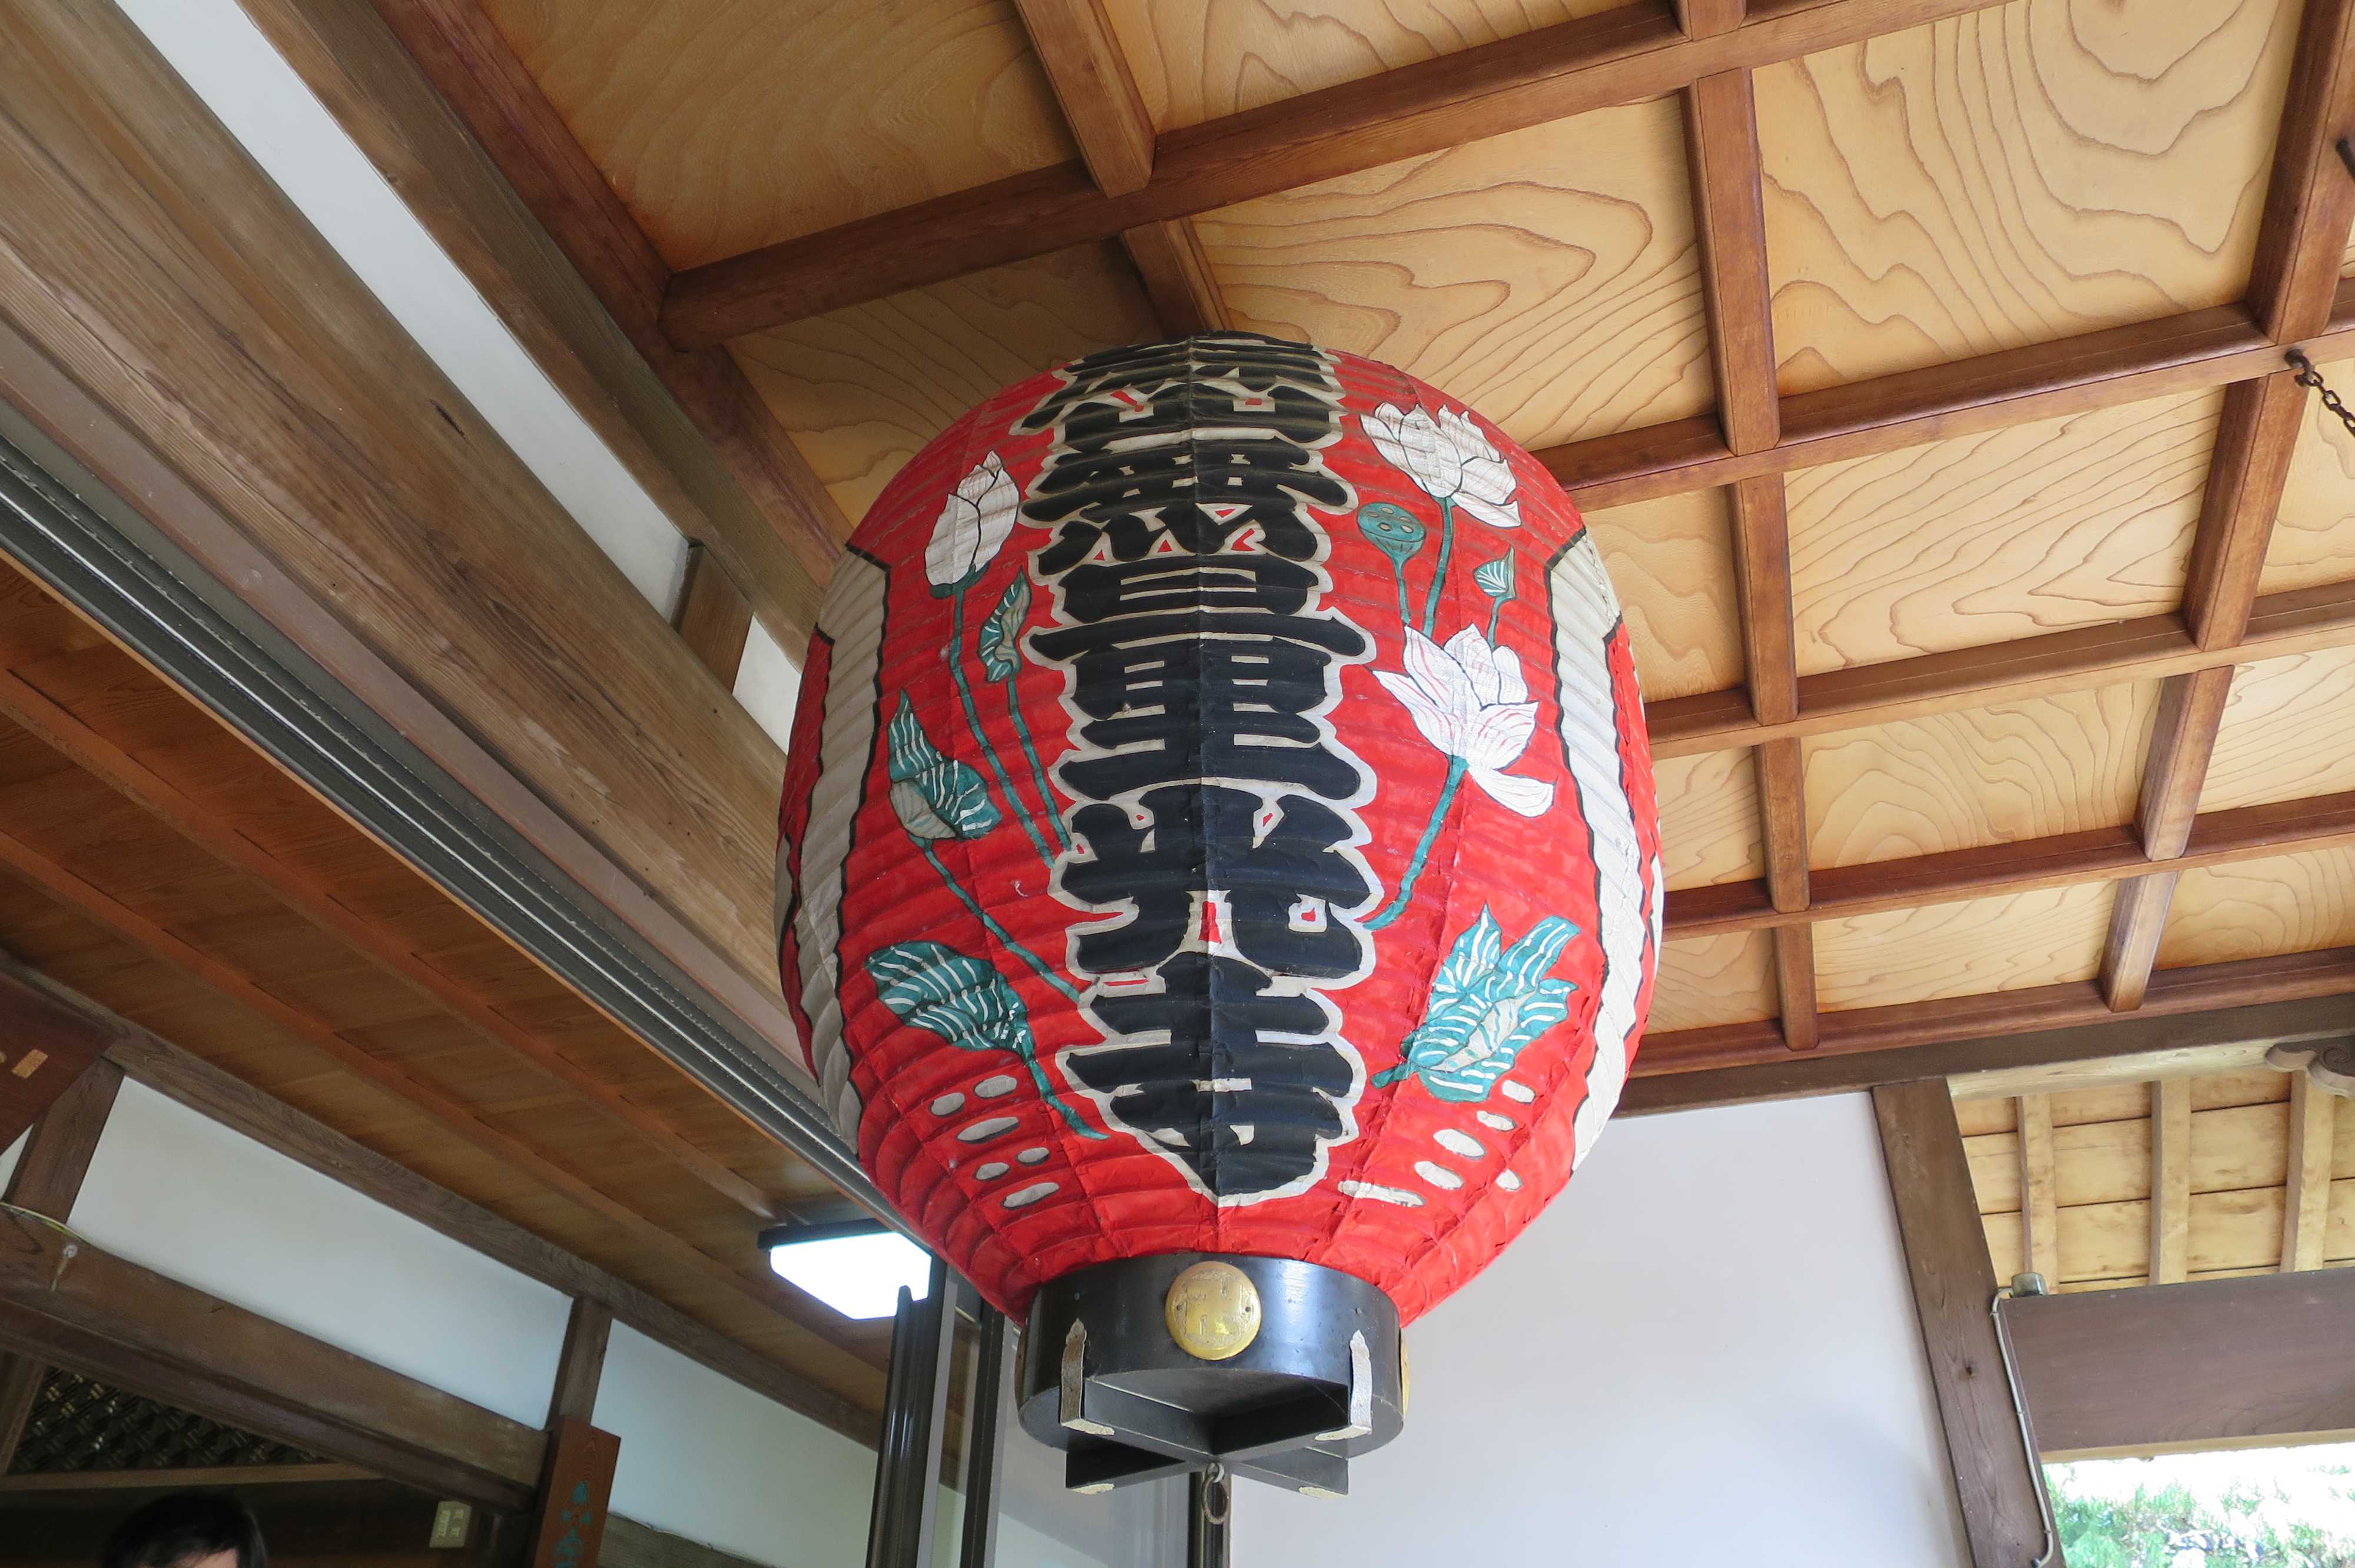 当麻山無量光寺と書かれた赤いちょうちん